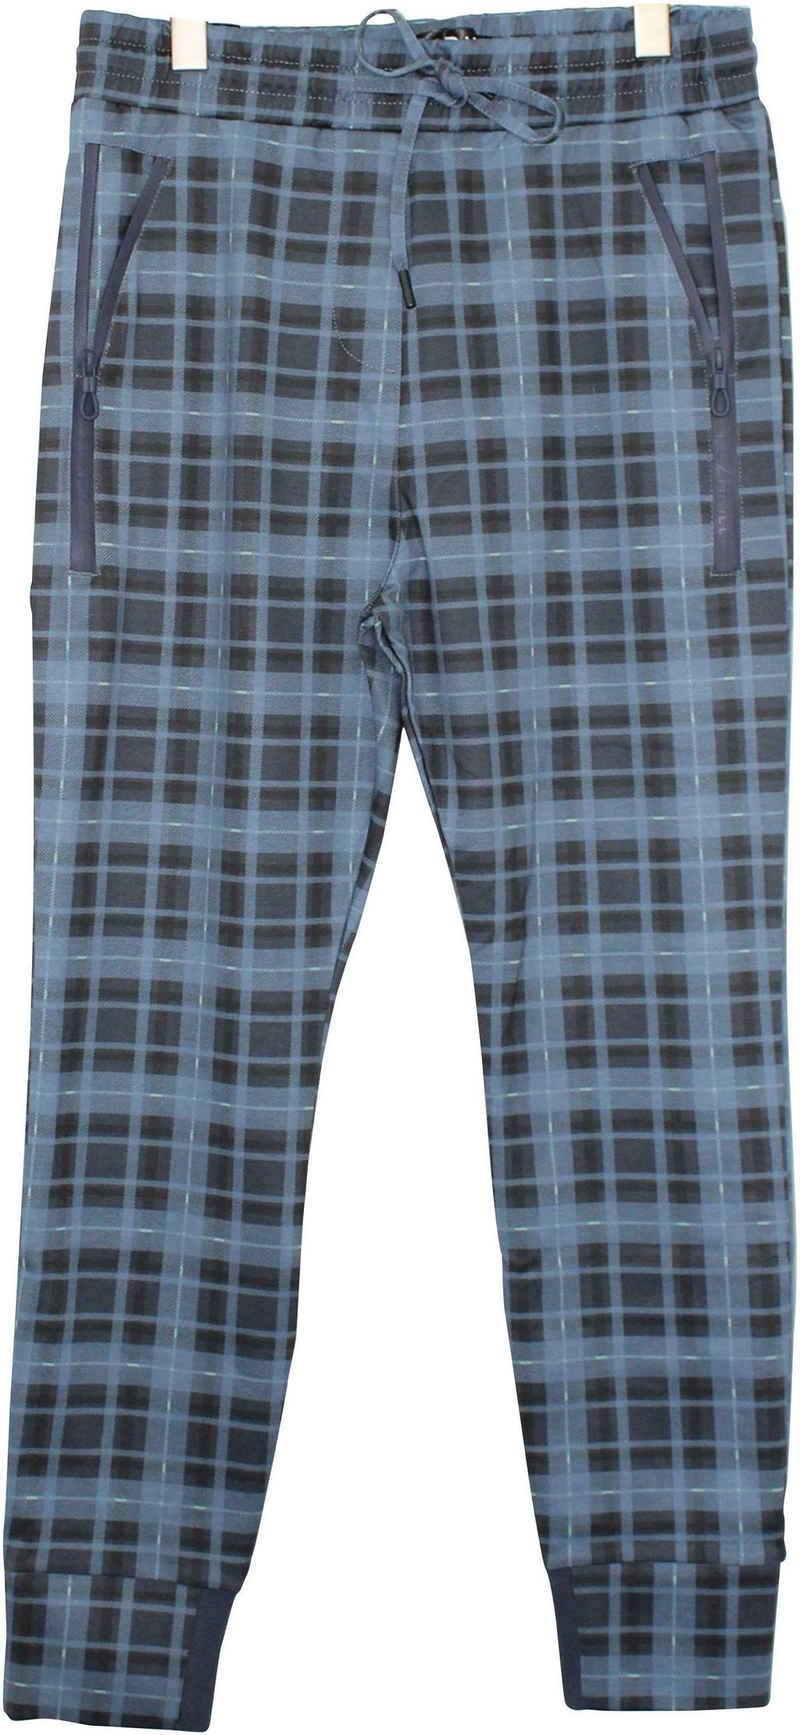 Zhrill Jogger Pants »FABIA« mit seitlichen Eingrifftaschen